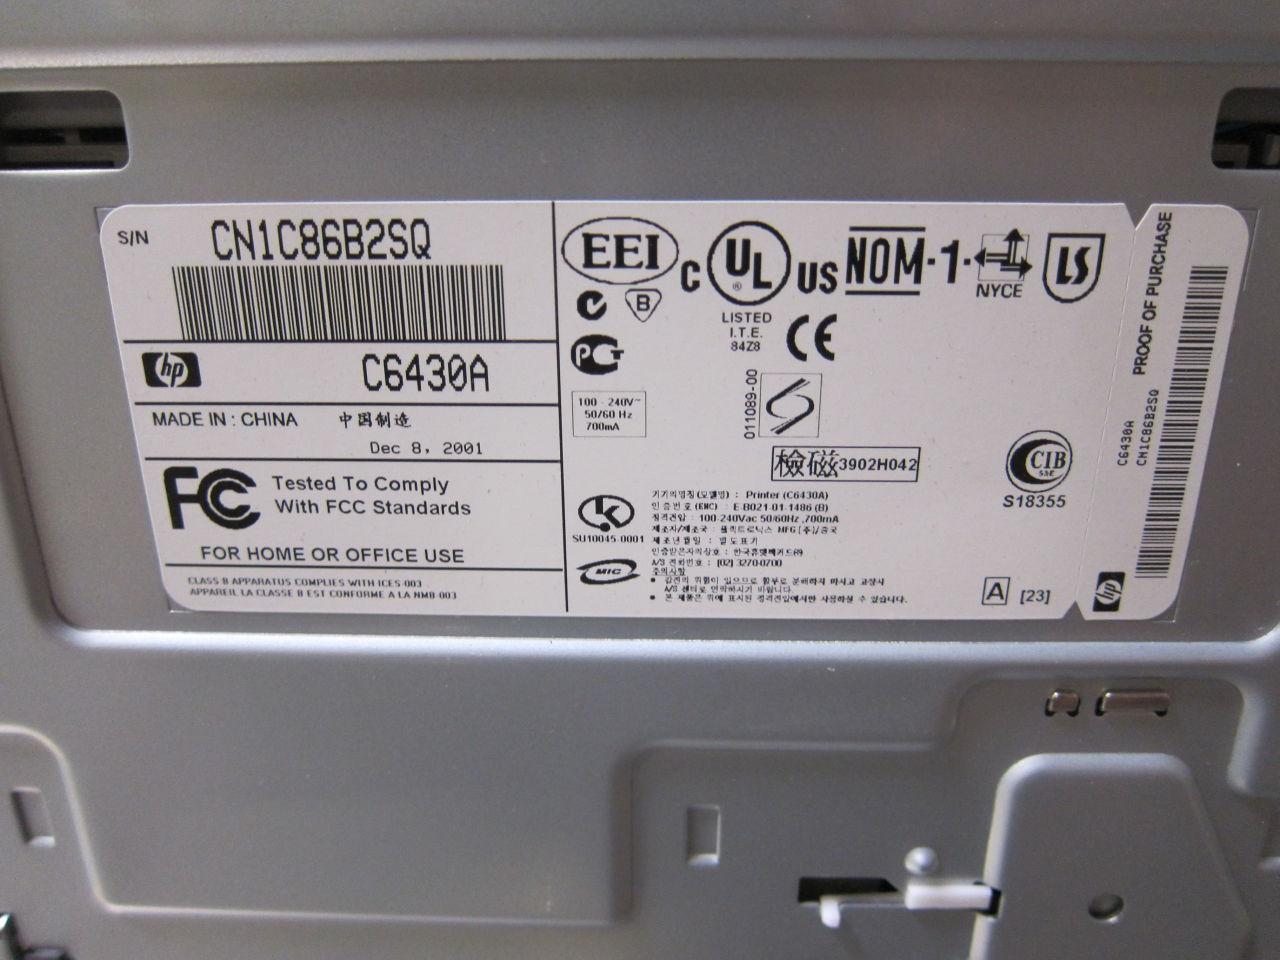 HP DeskJet 920C Printer